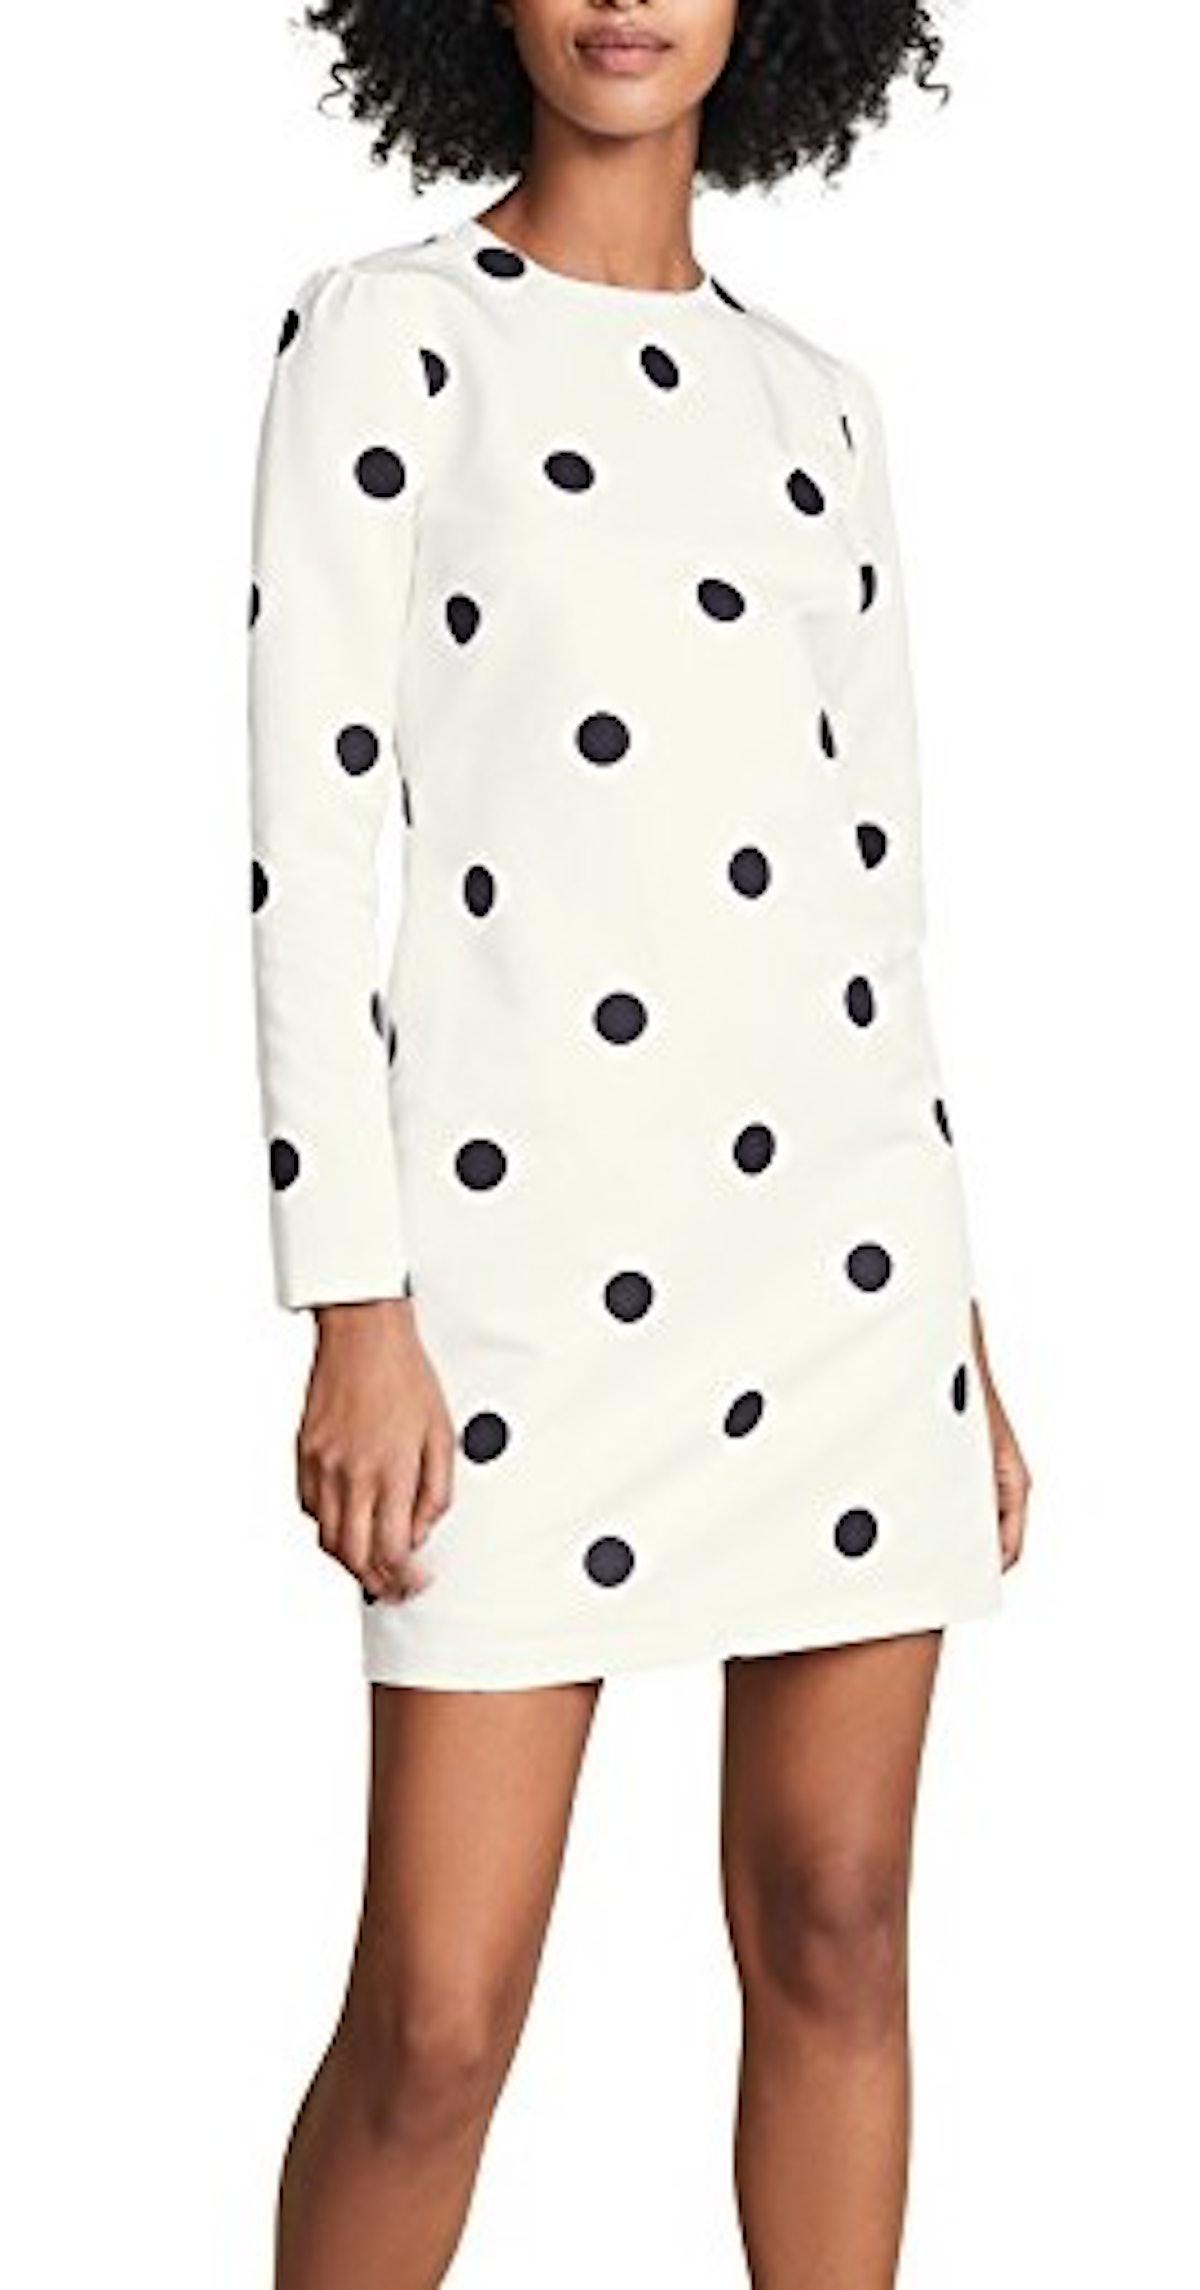 Polka Dot Long Sleeve Shift Dress